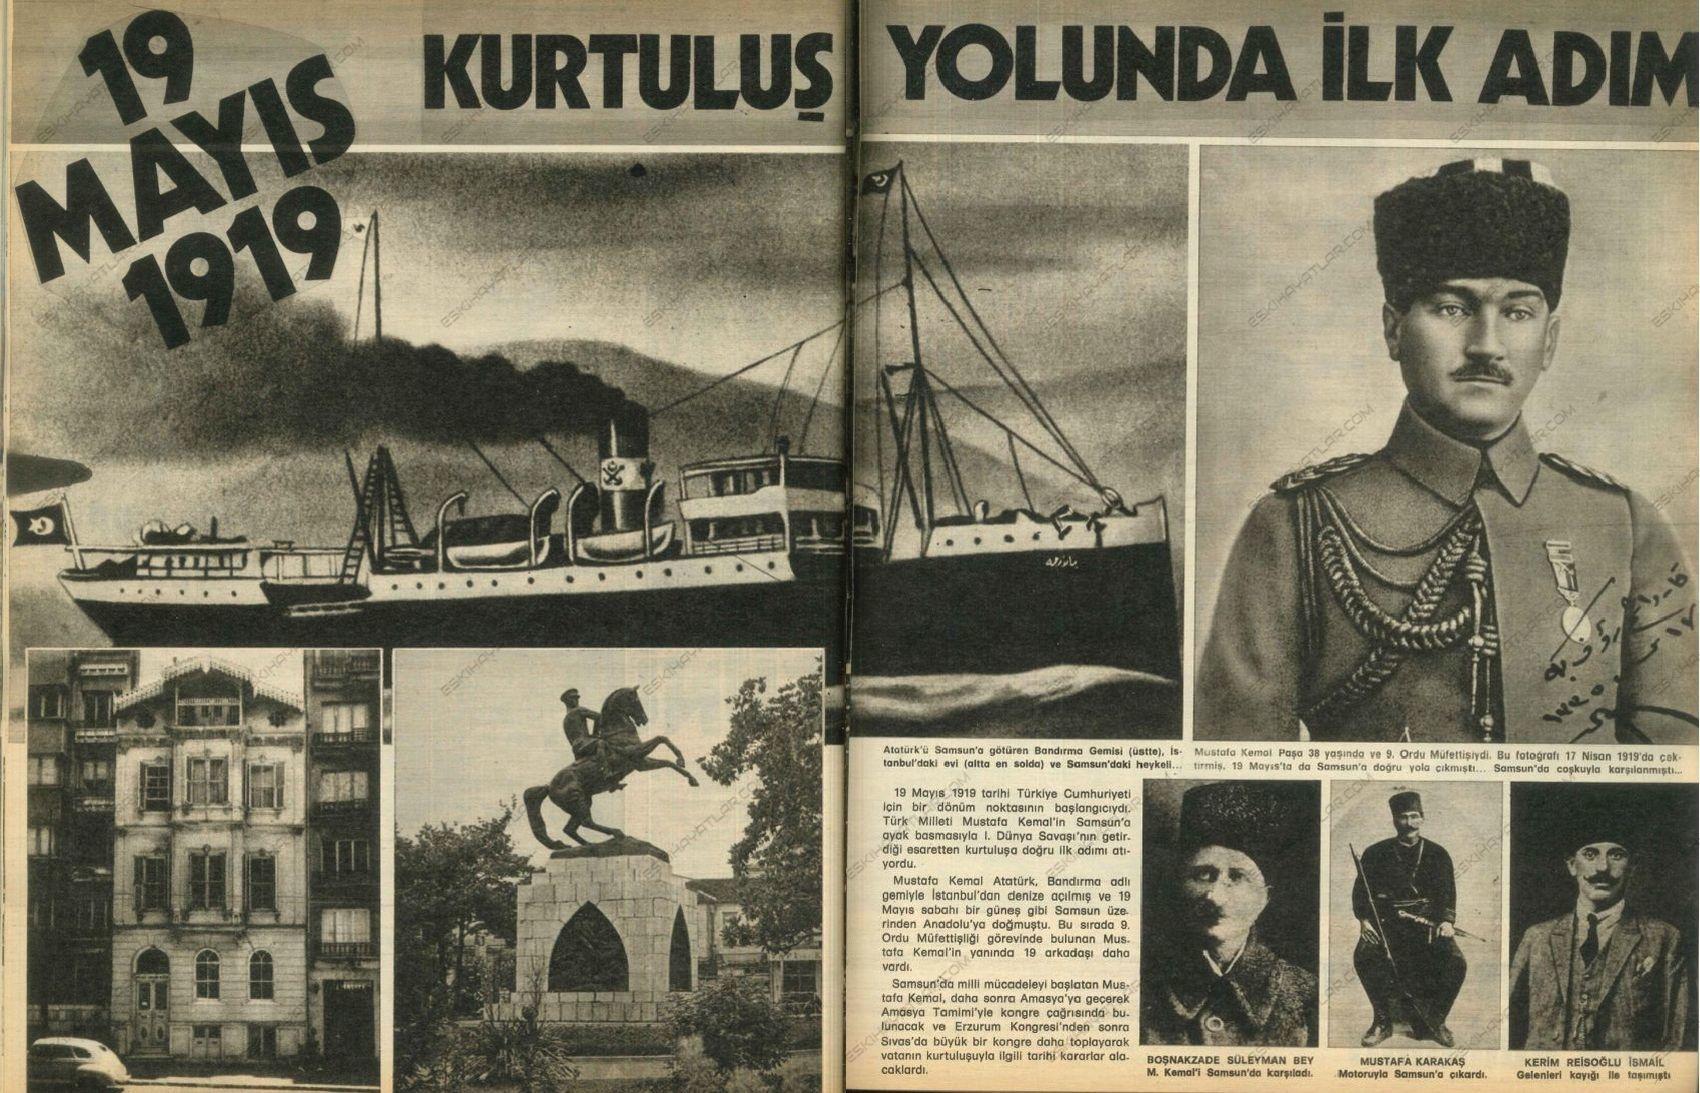 0650-mustafa-kemal-ataturk-istiklal-savasi-fotograflari-cumhuriyet-ilani-buyuk-taarruz-1983-hayat-dergisi-ozel-ekleri (4)